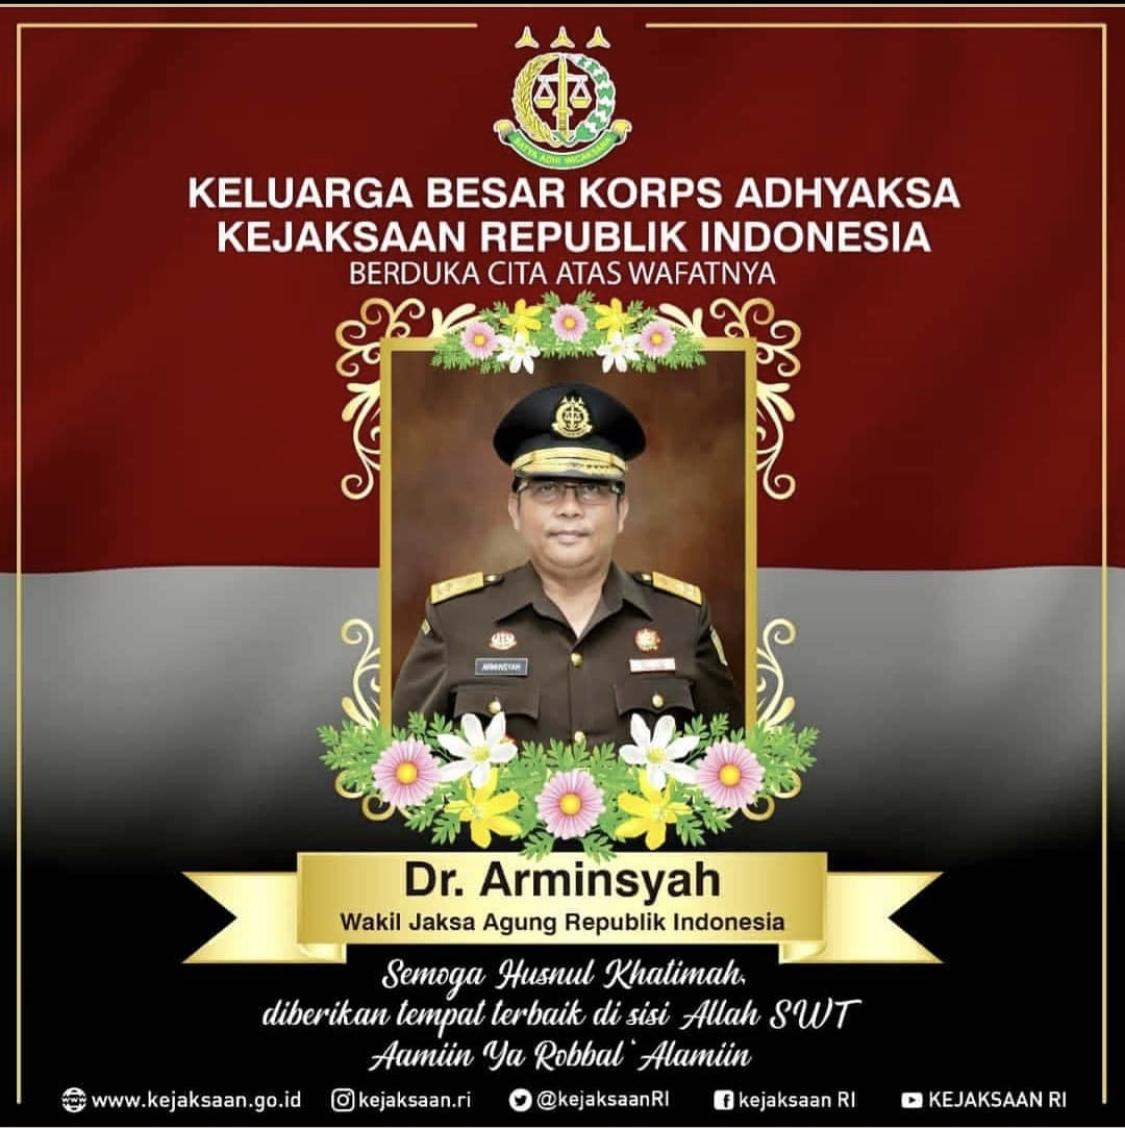 Berduka cita yang sedalam-dalamnya atas wafatnya Dr. Arminsyah, SH., M.Si Wakil Jaksa Agung RI 04-04-2020